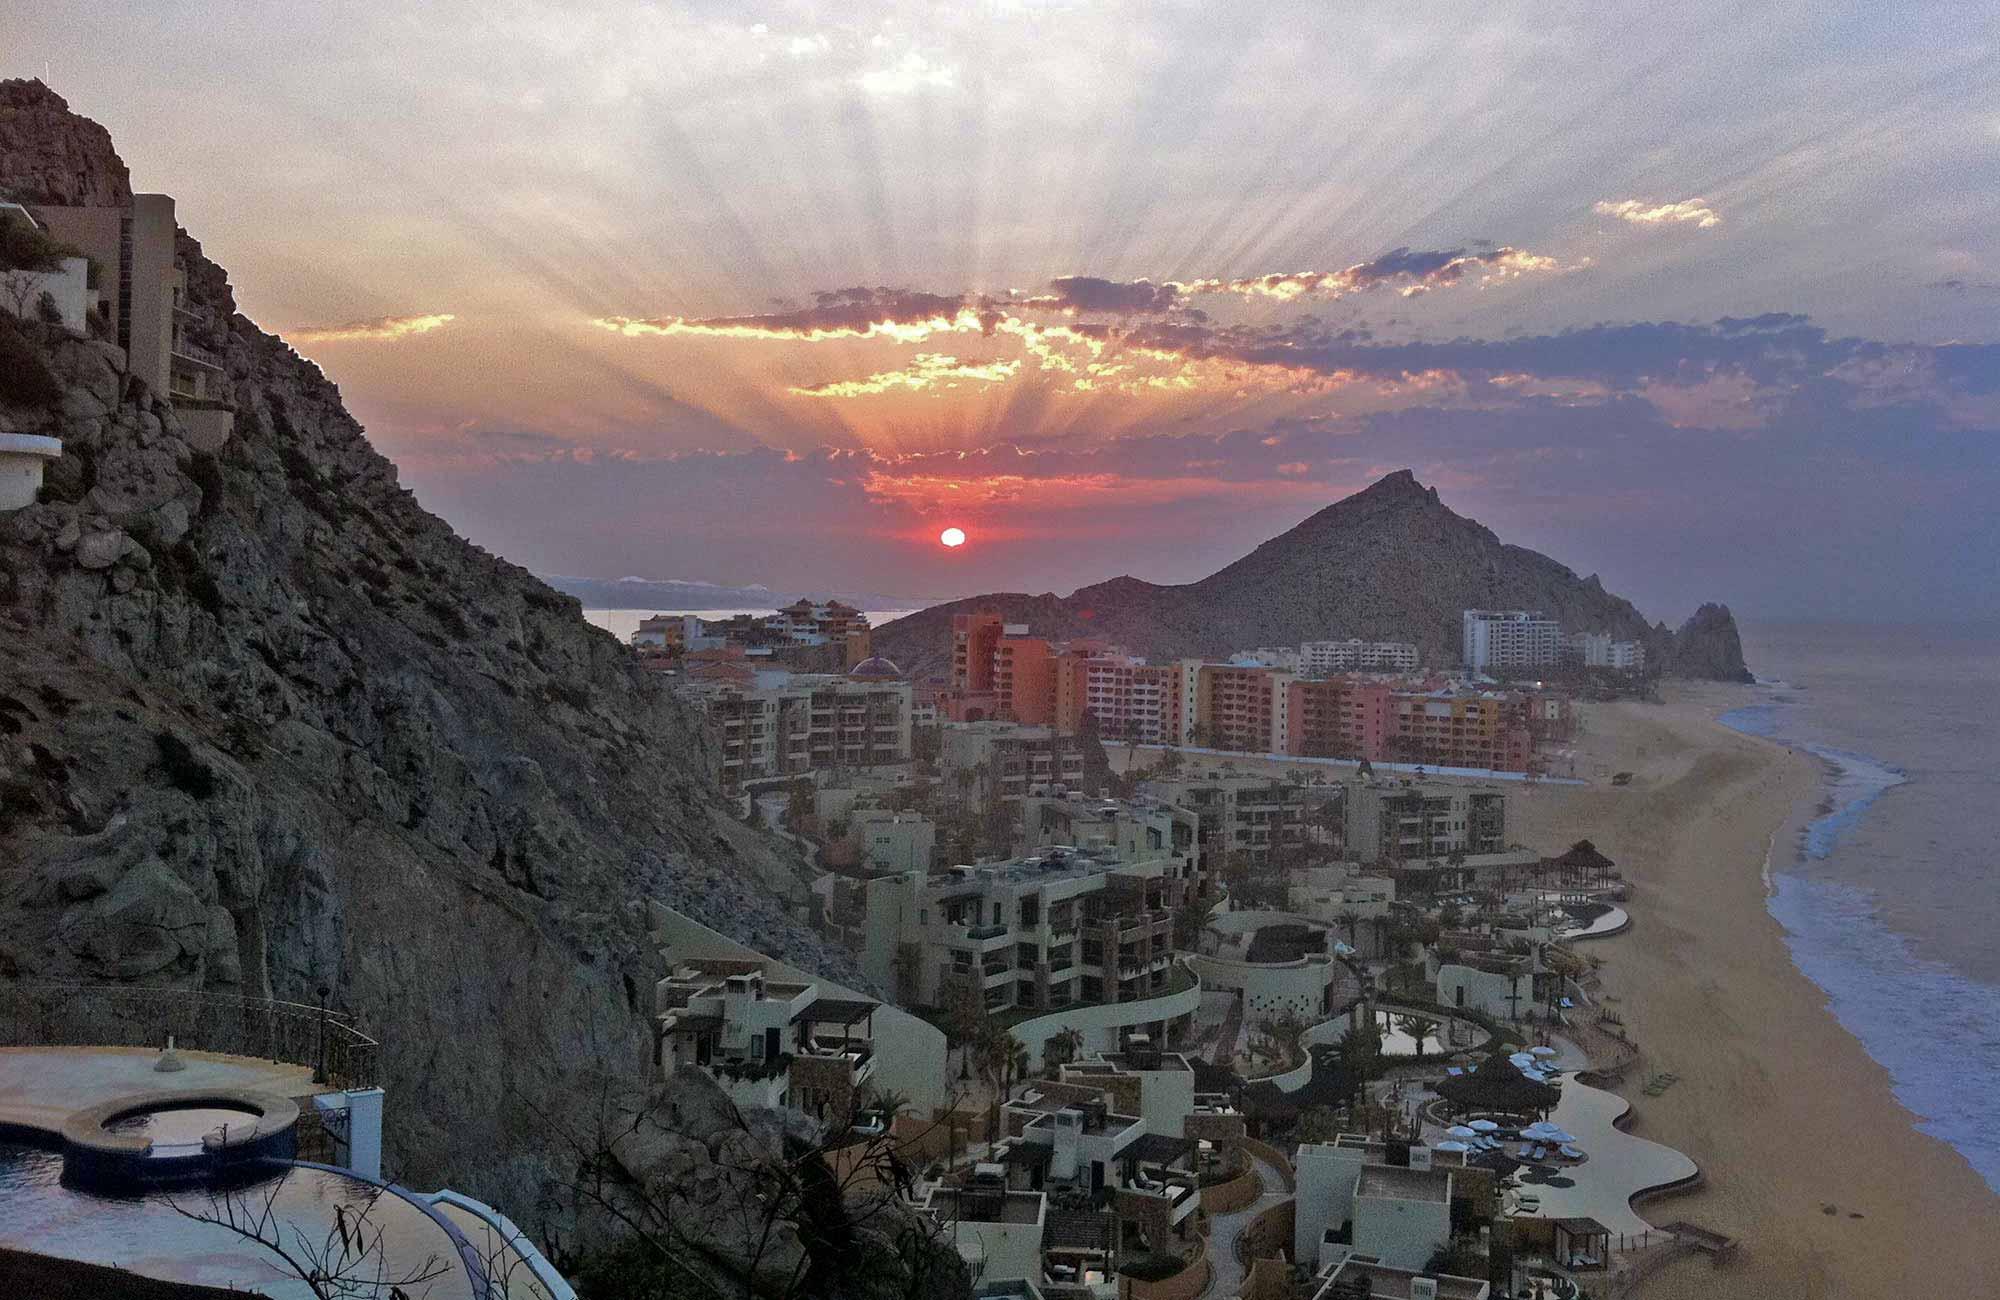 villa-stein-cabo-sunrise-21-jun-2011-2